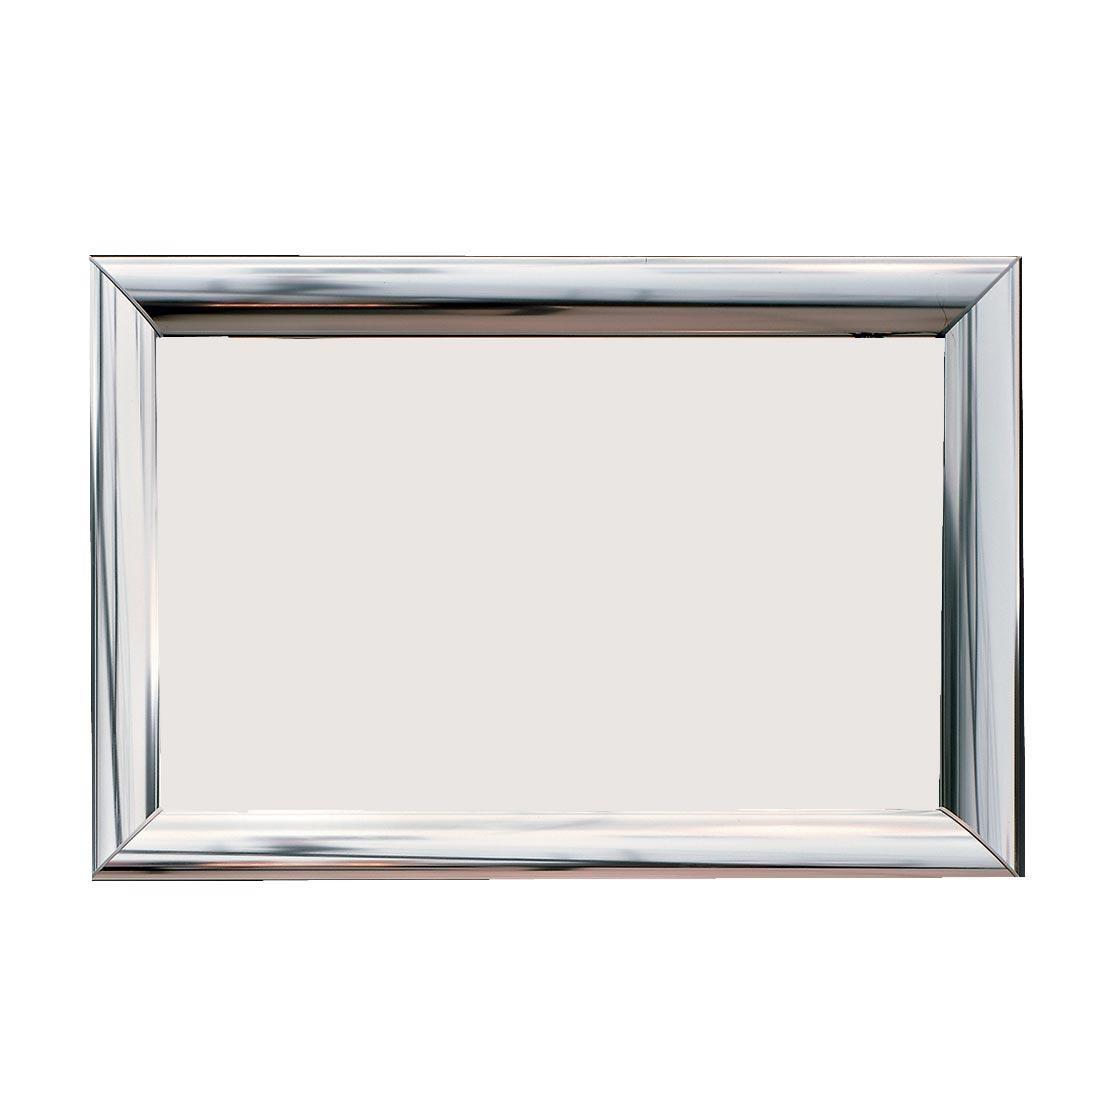 Aluminium guide d 39 achat - Aluminium poli miroir ...